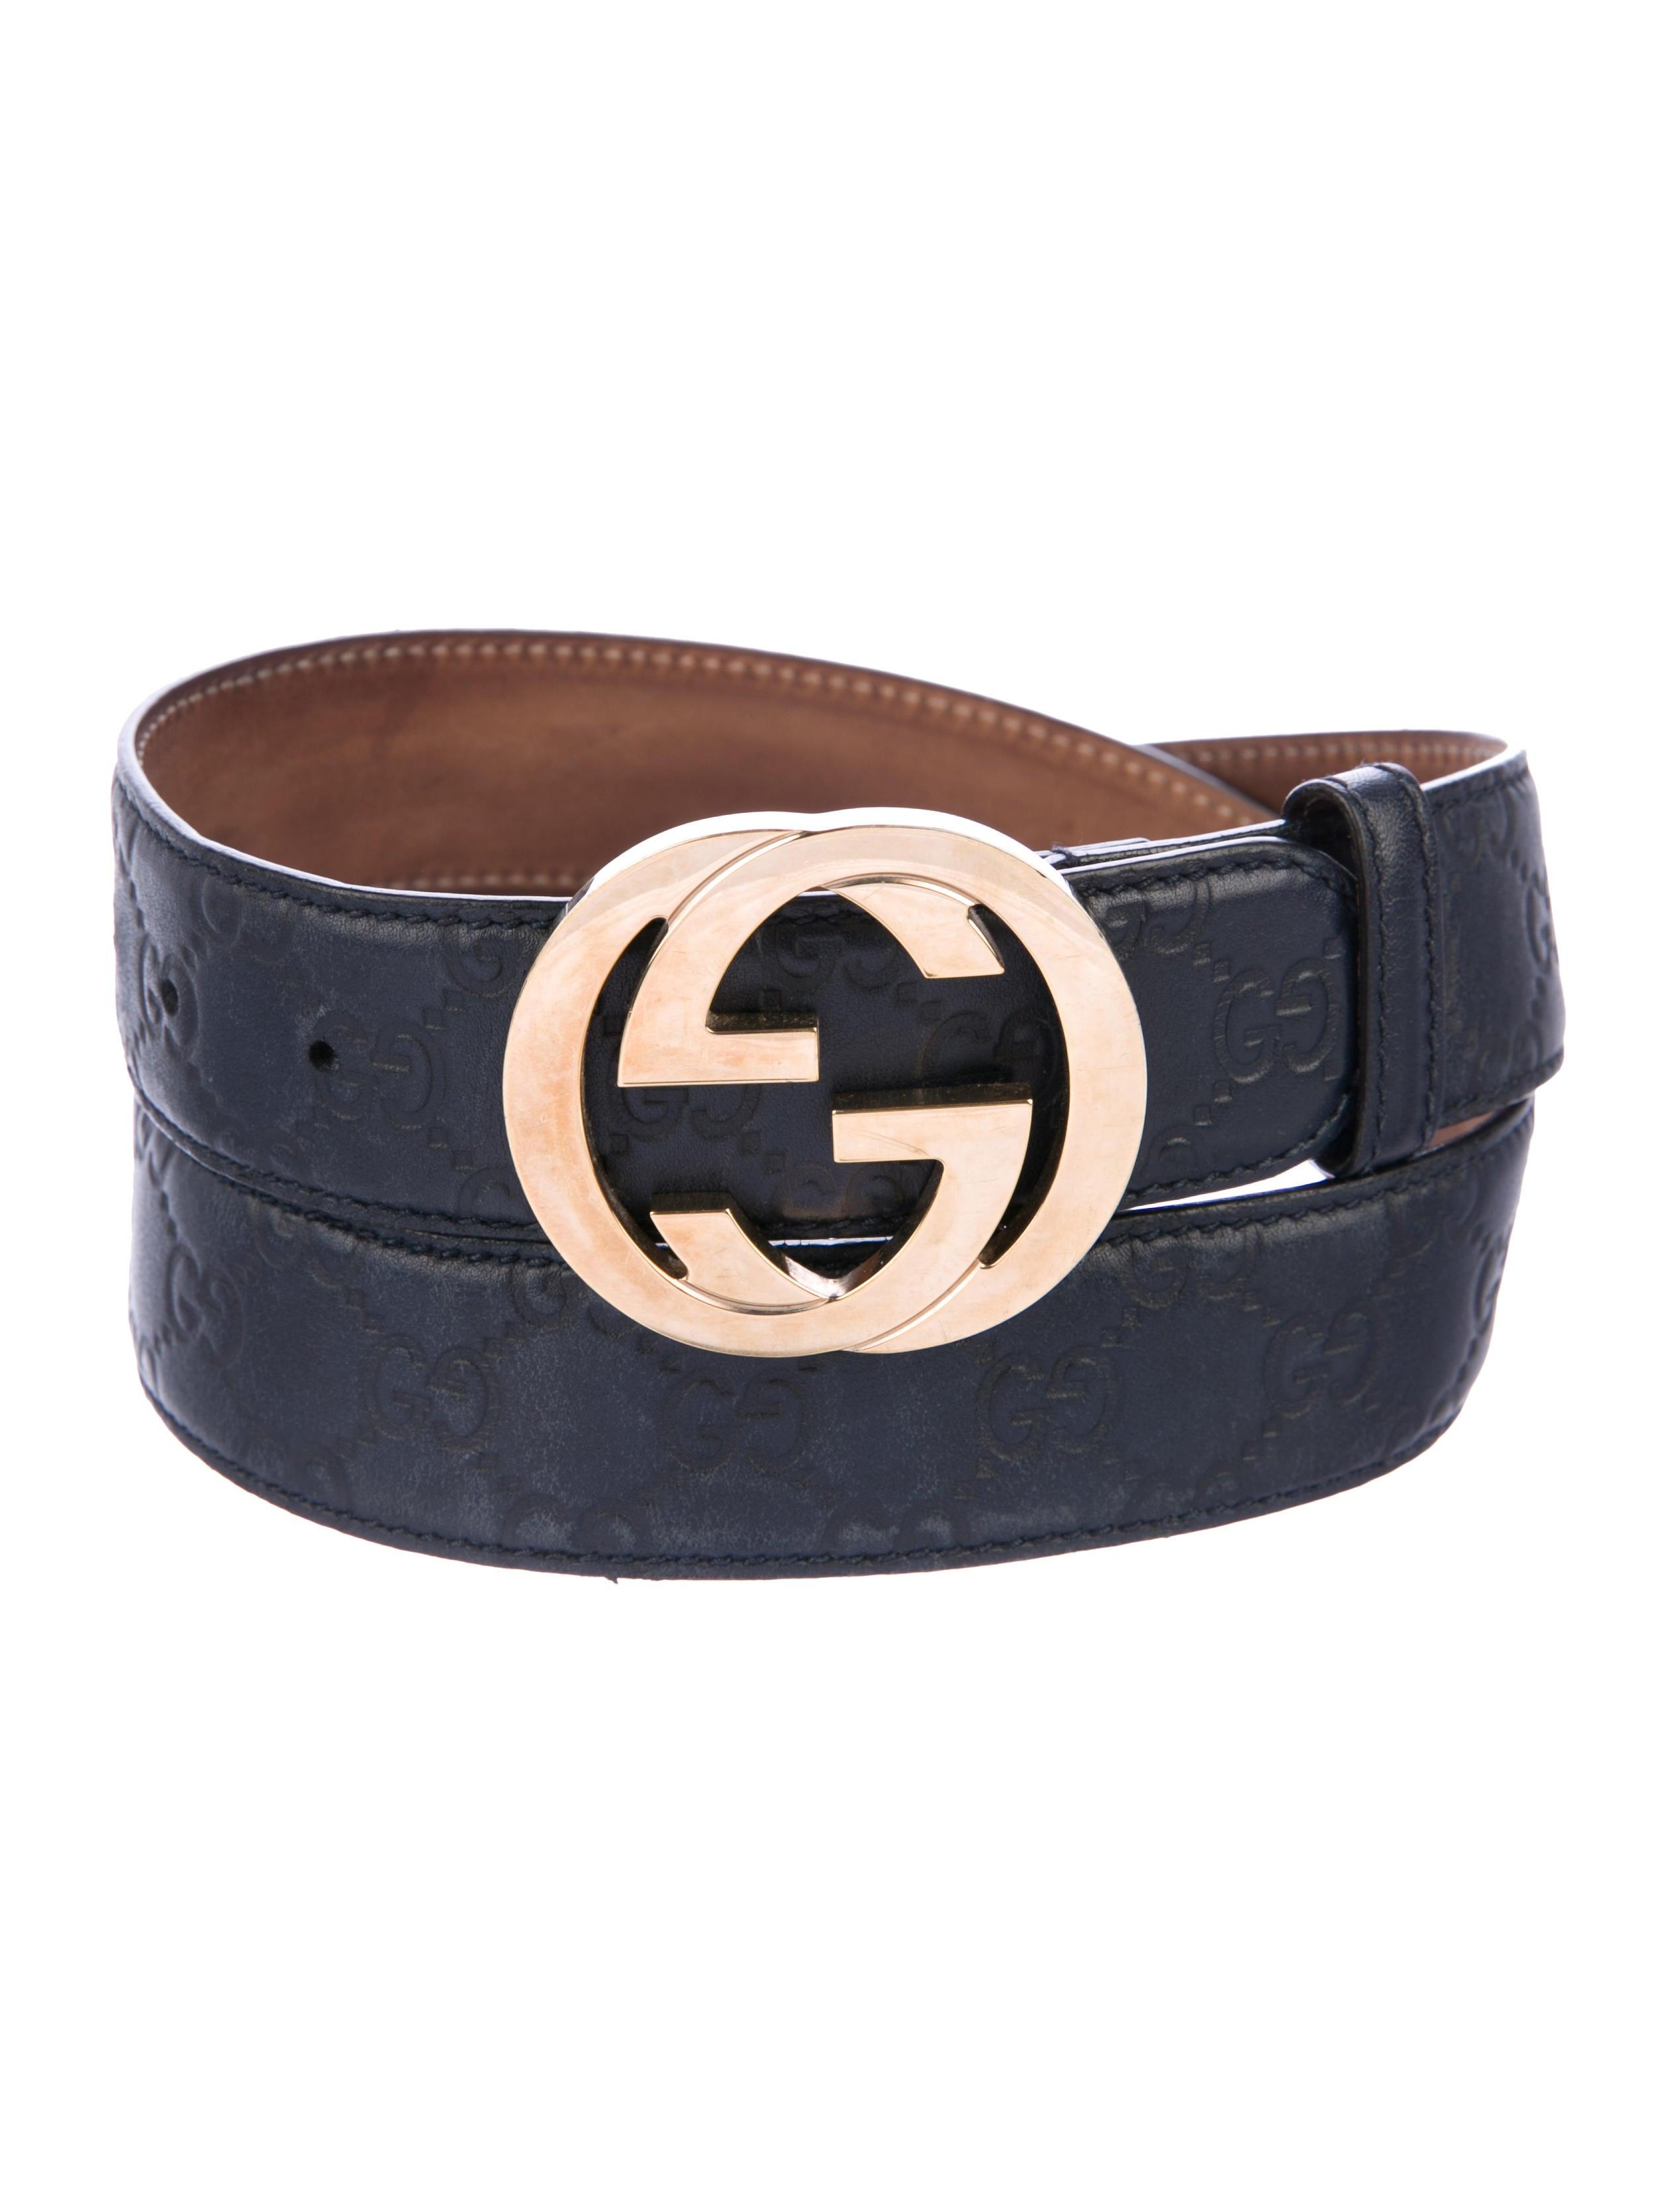 cb691fbc3a3 Gucci GG Guccissima Belt - Accessories - GUC226757